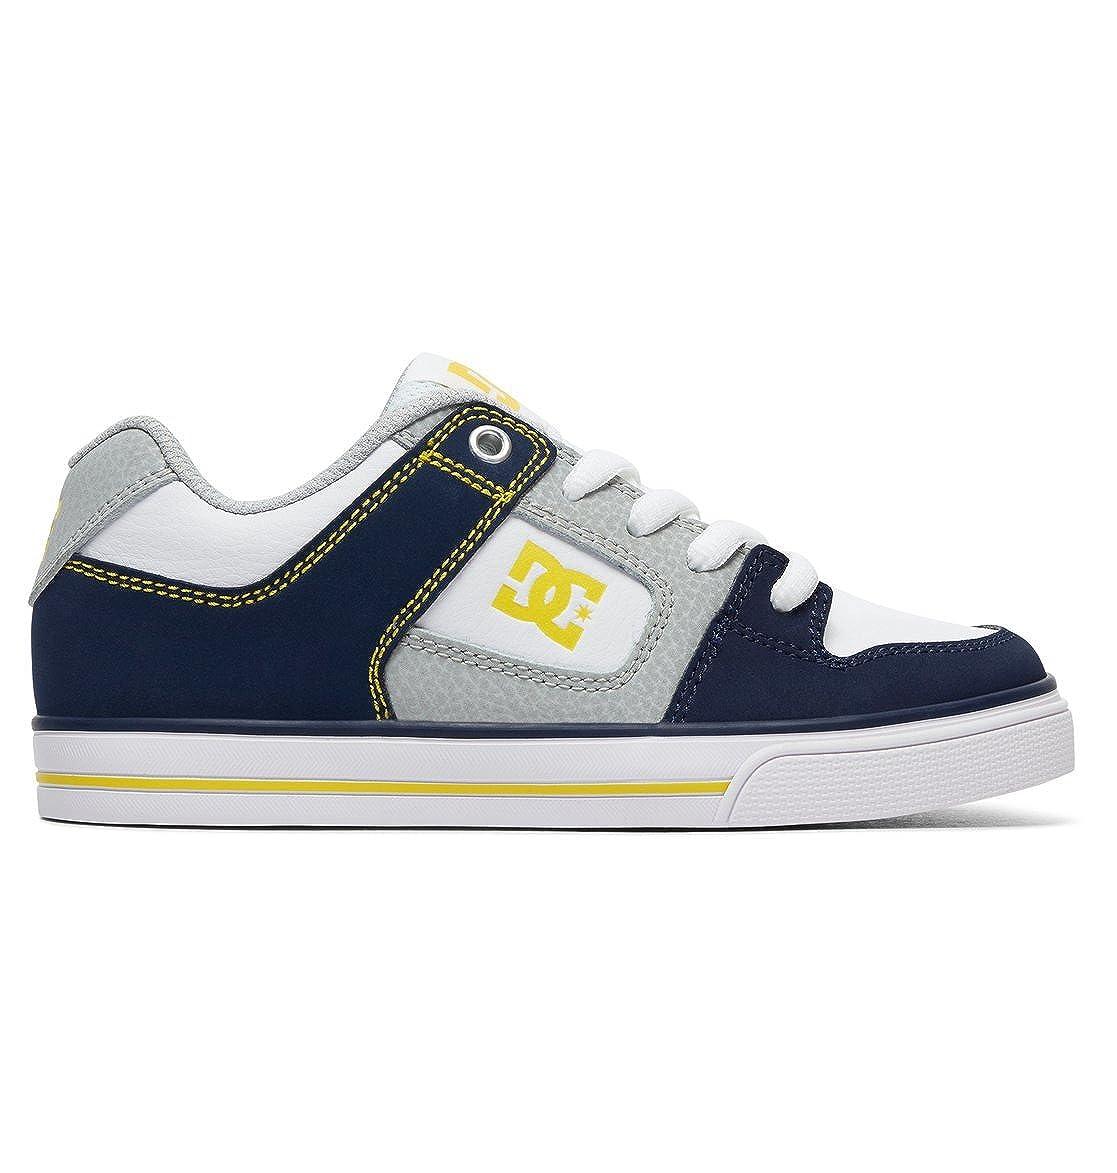 Bleu - Navy gris DC chaussures - Pure - baskets Basses - Garçon 38 EU